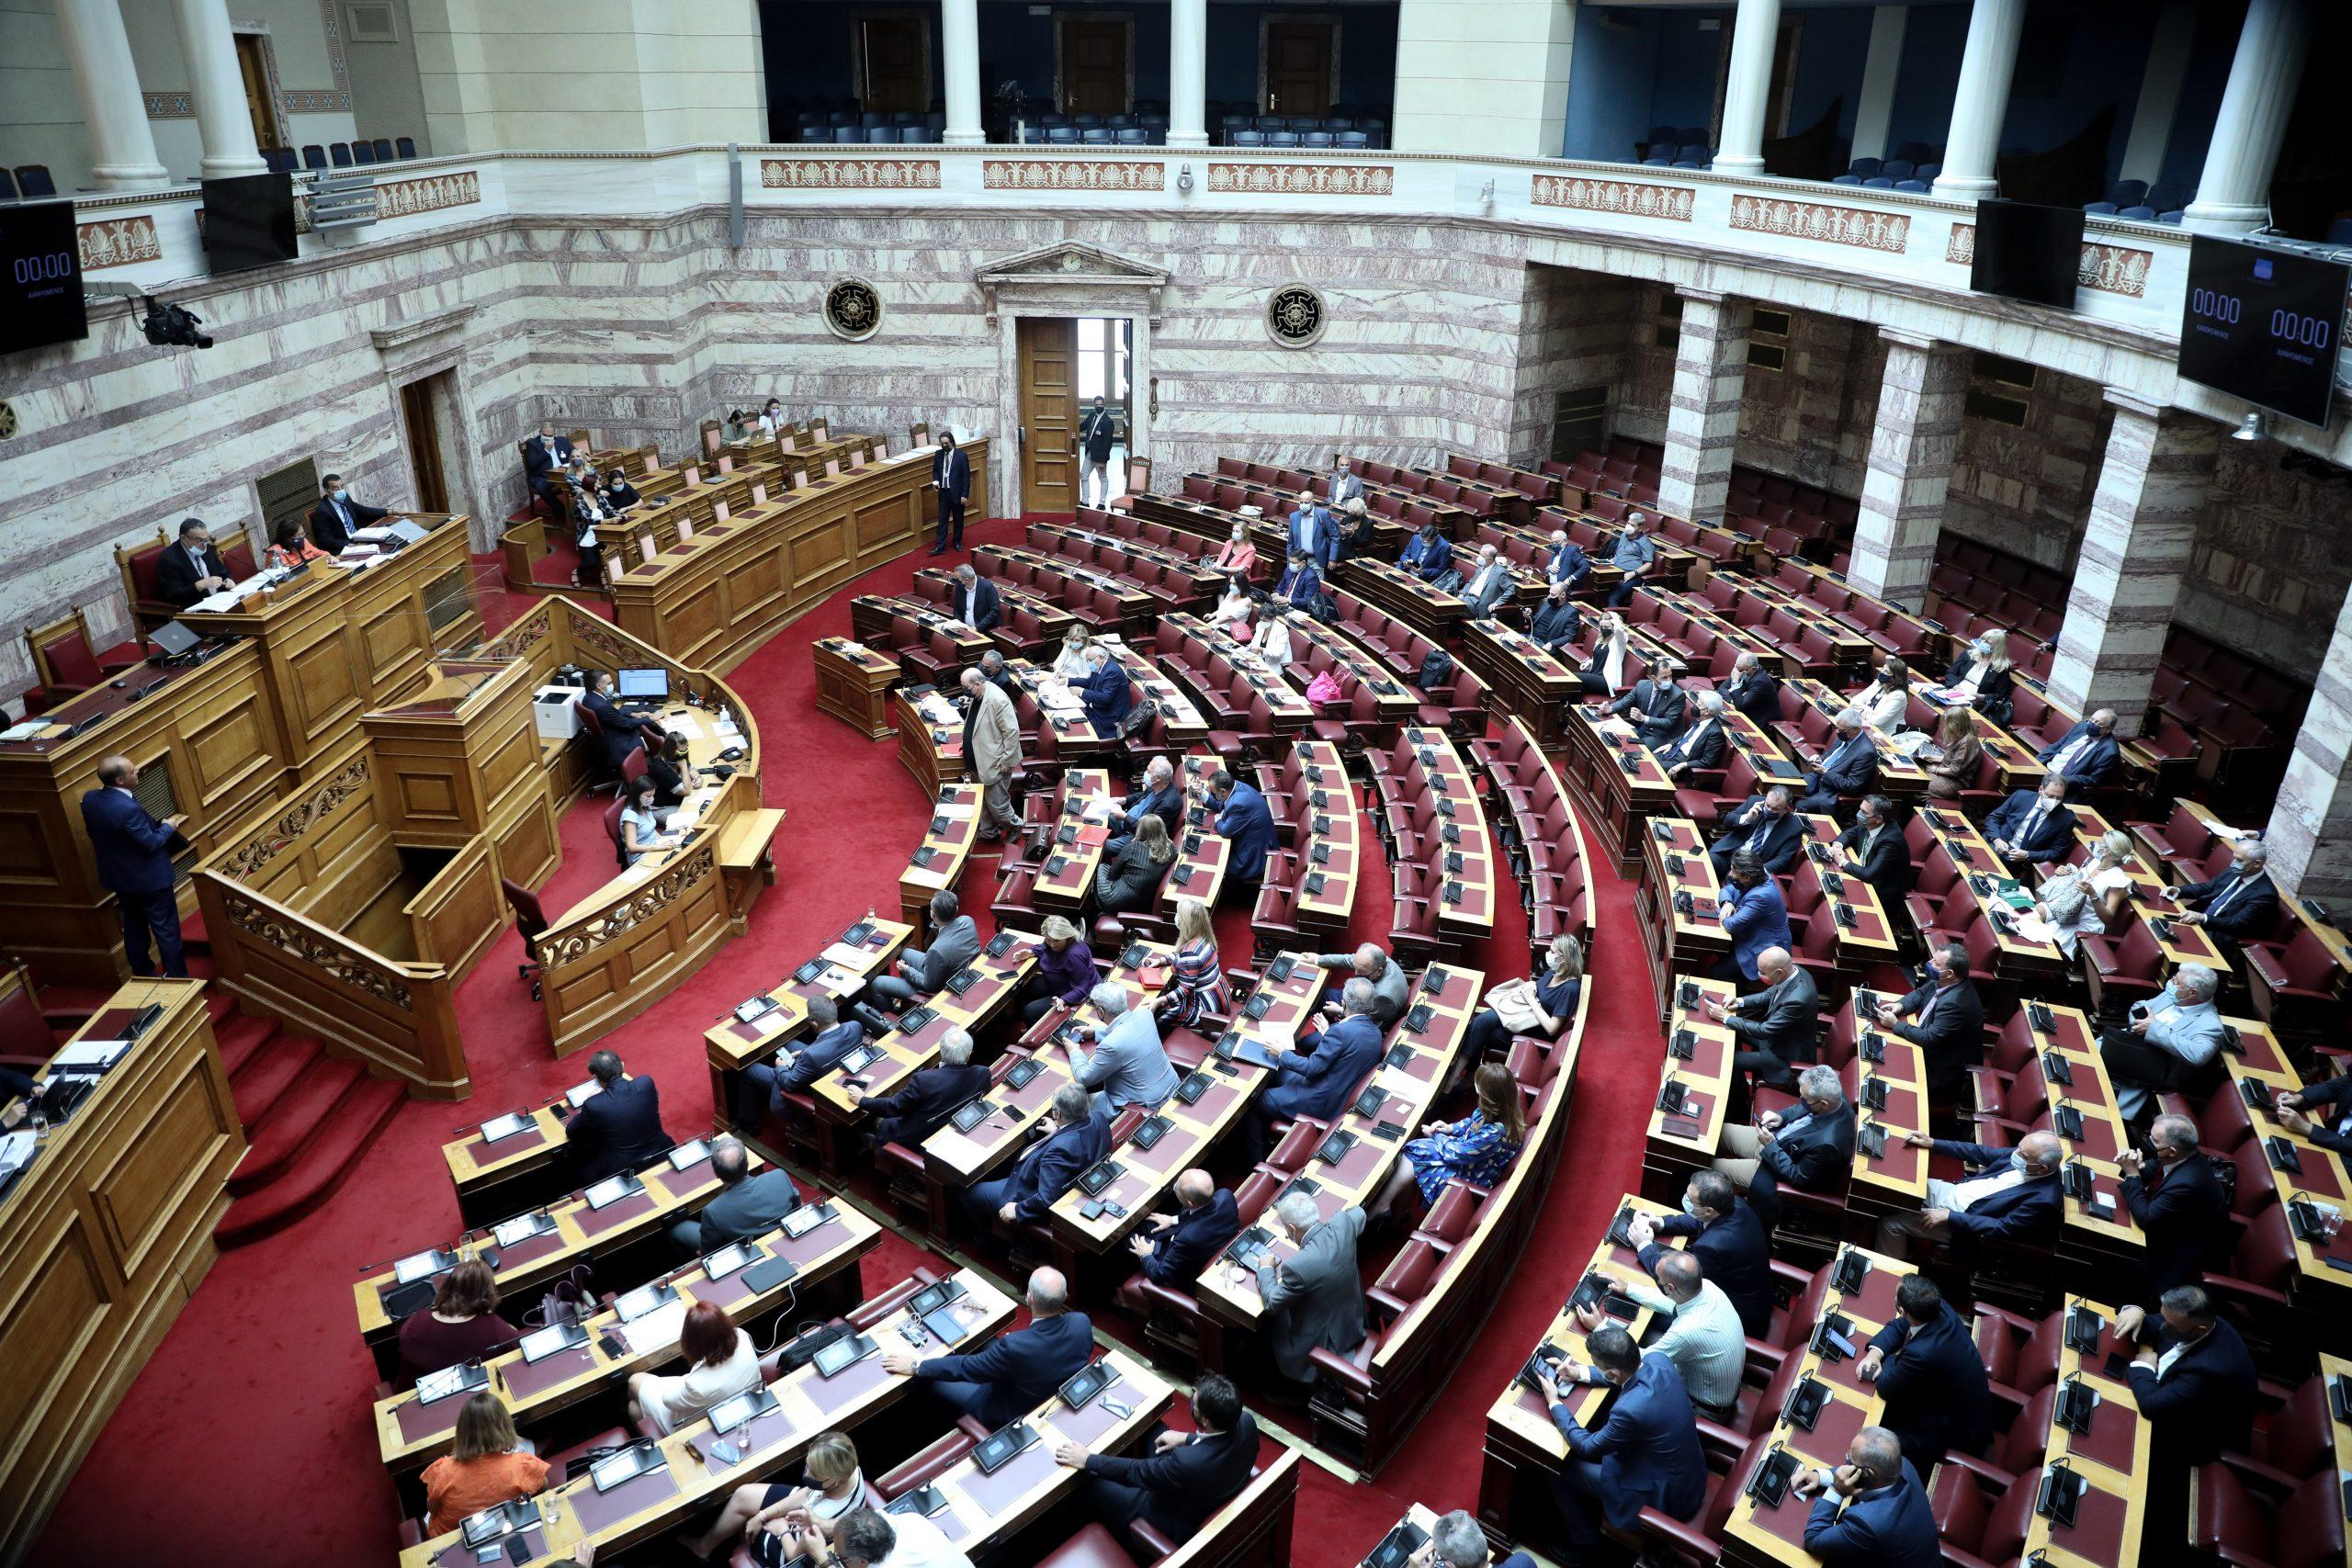 """Αλαλούμ στην επιτροπή για το πόθεν έσχες του Κ. Μητσοτάκη – Οι καταγγελίες ΣΥΡΙΖΑ και το """"υπηρεσιακό λάθος"""" που άναψε φωτιές"""